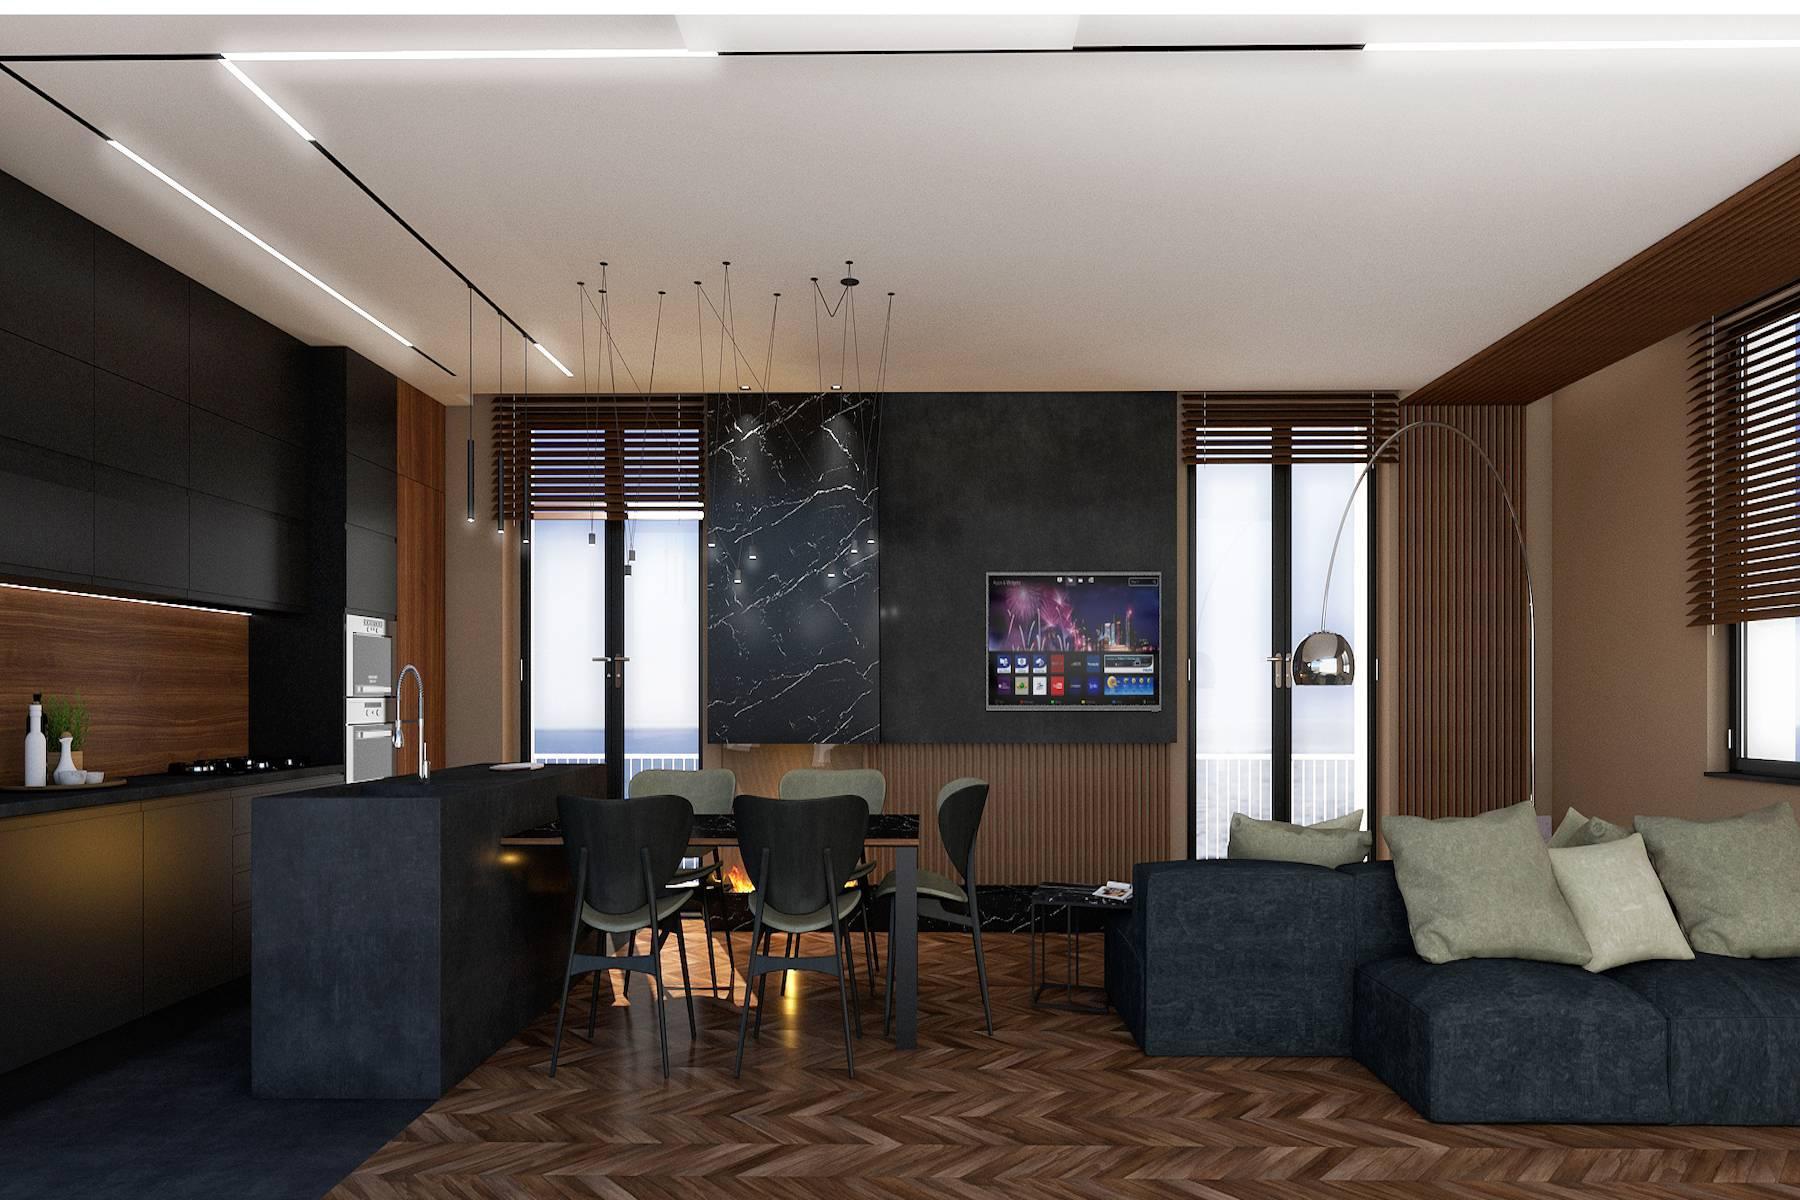 Luxus-Wohnung am Meer in Viareggio - 2